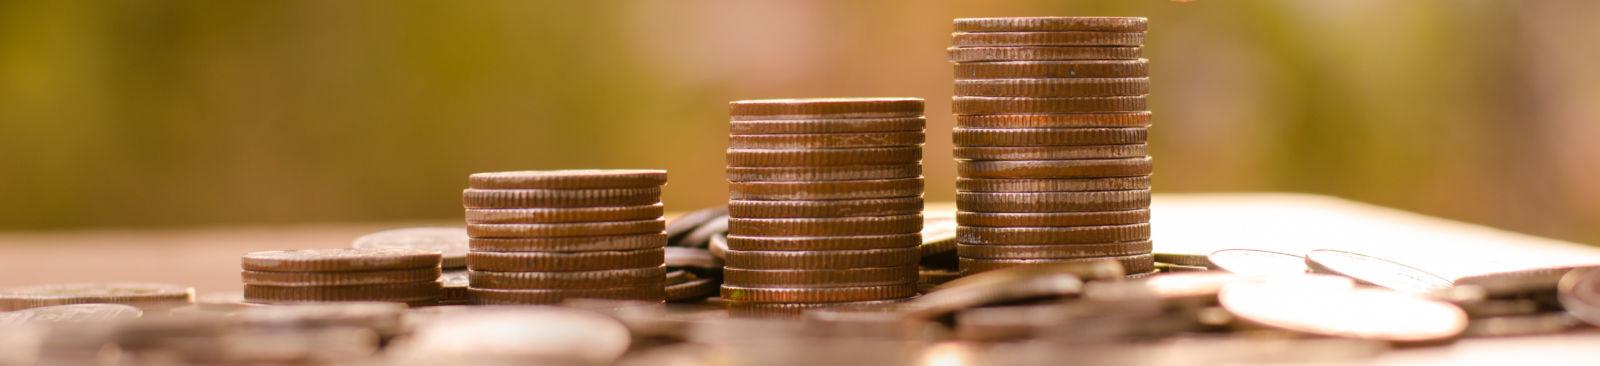 Bankwesen-Dienstleistungen CeliMar